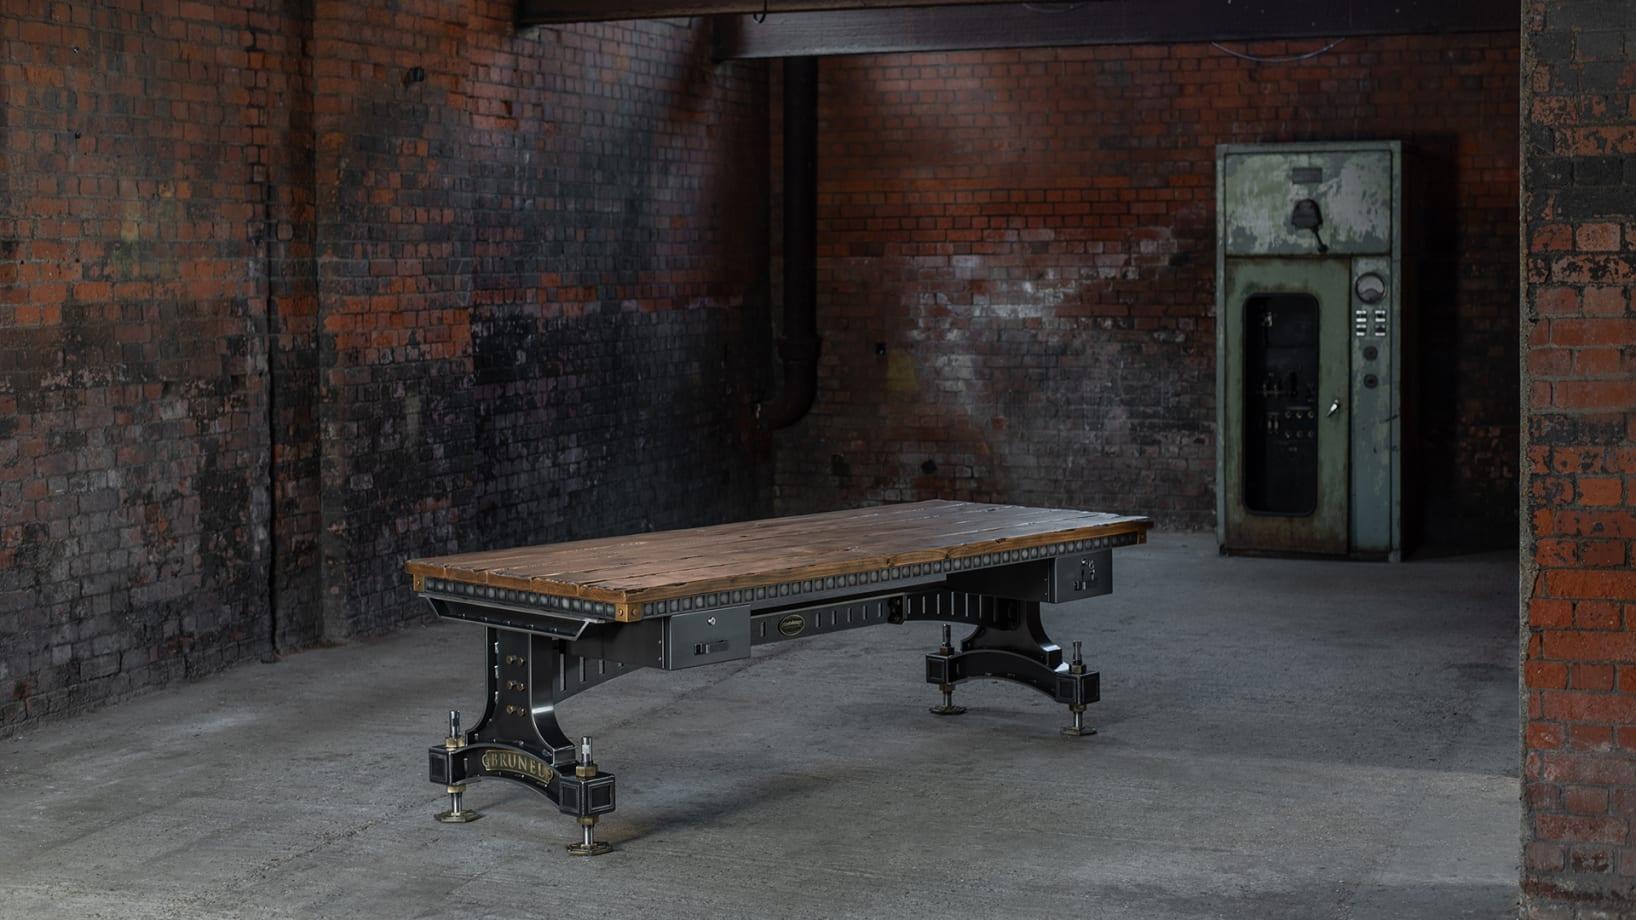 Steel Vintage Brunel desk in Hydraulic Power Station, London